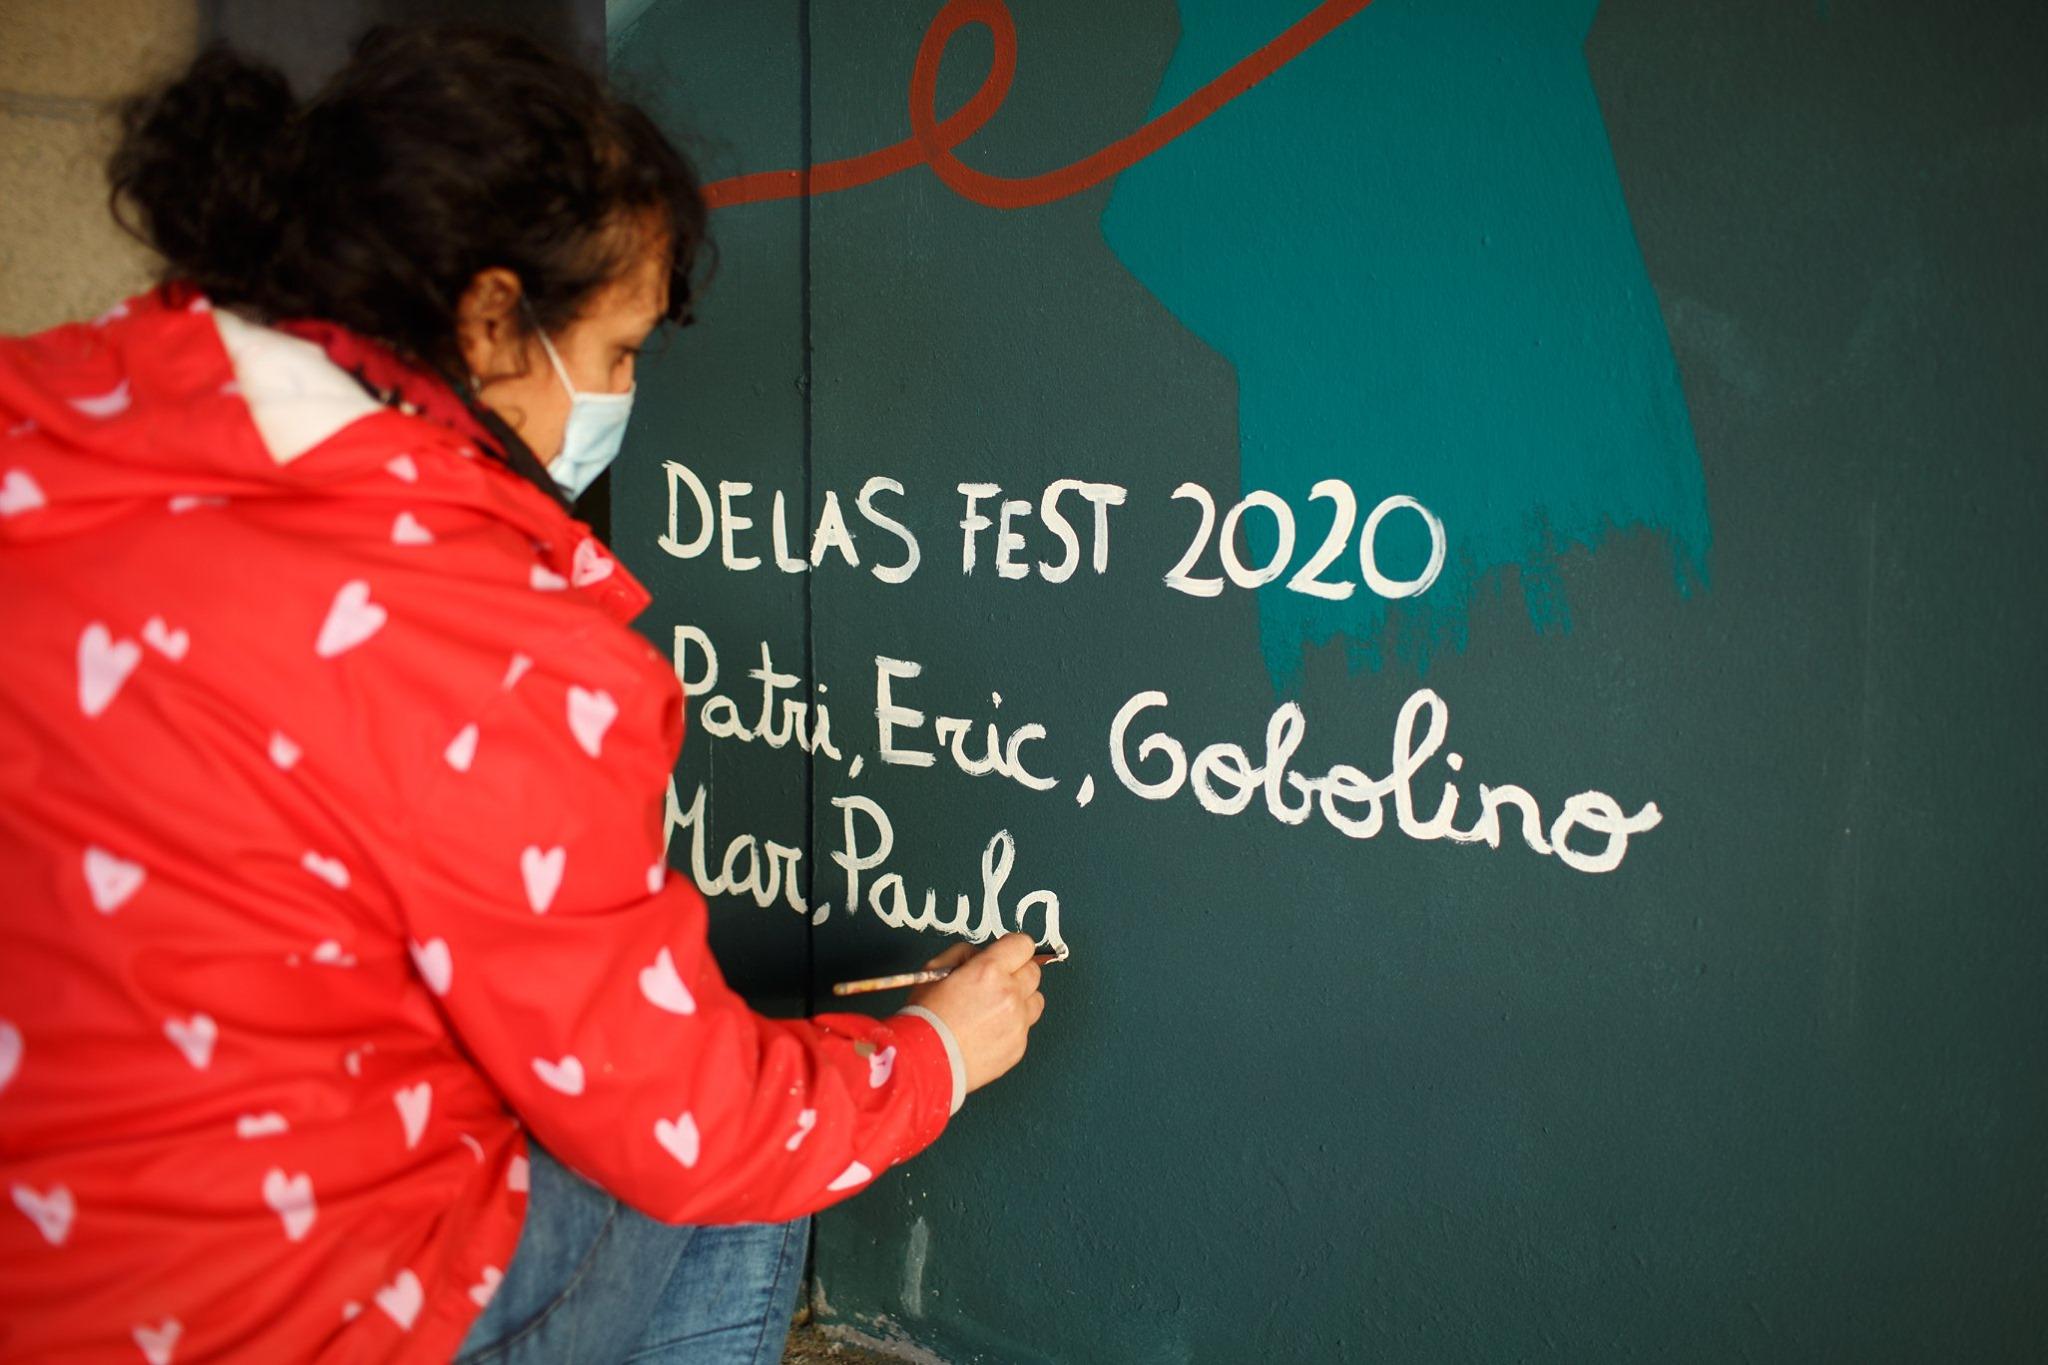 Delas Fest 2020